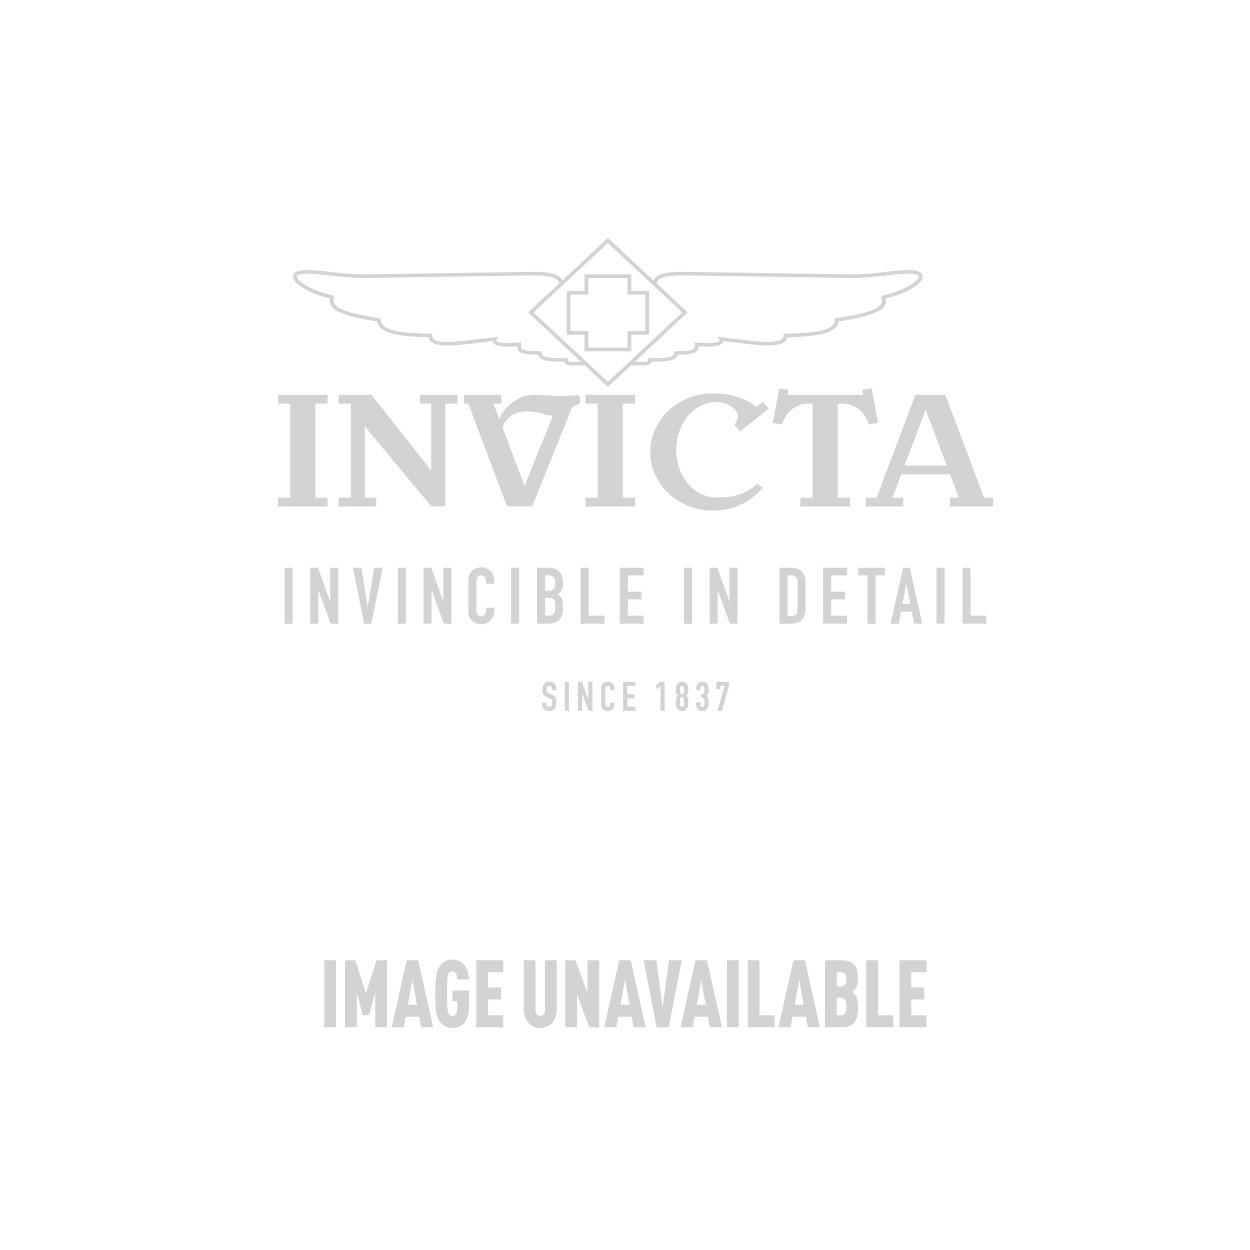 Invicta Model 29098